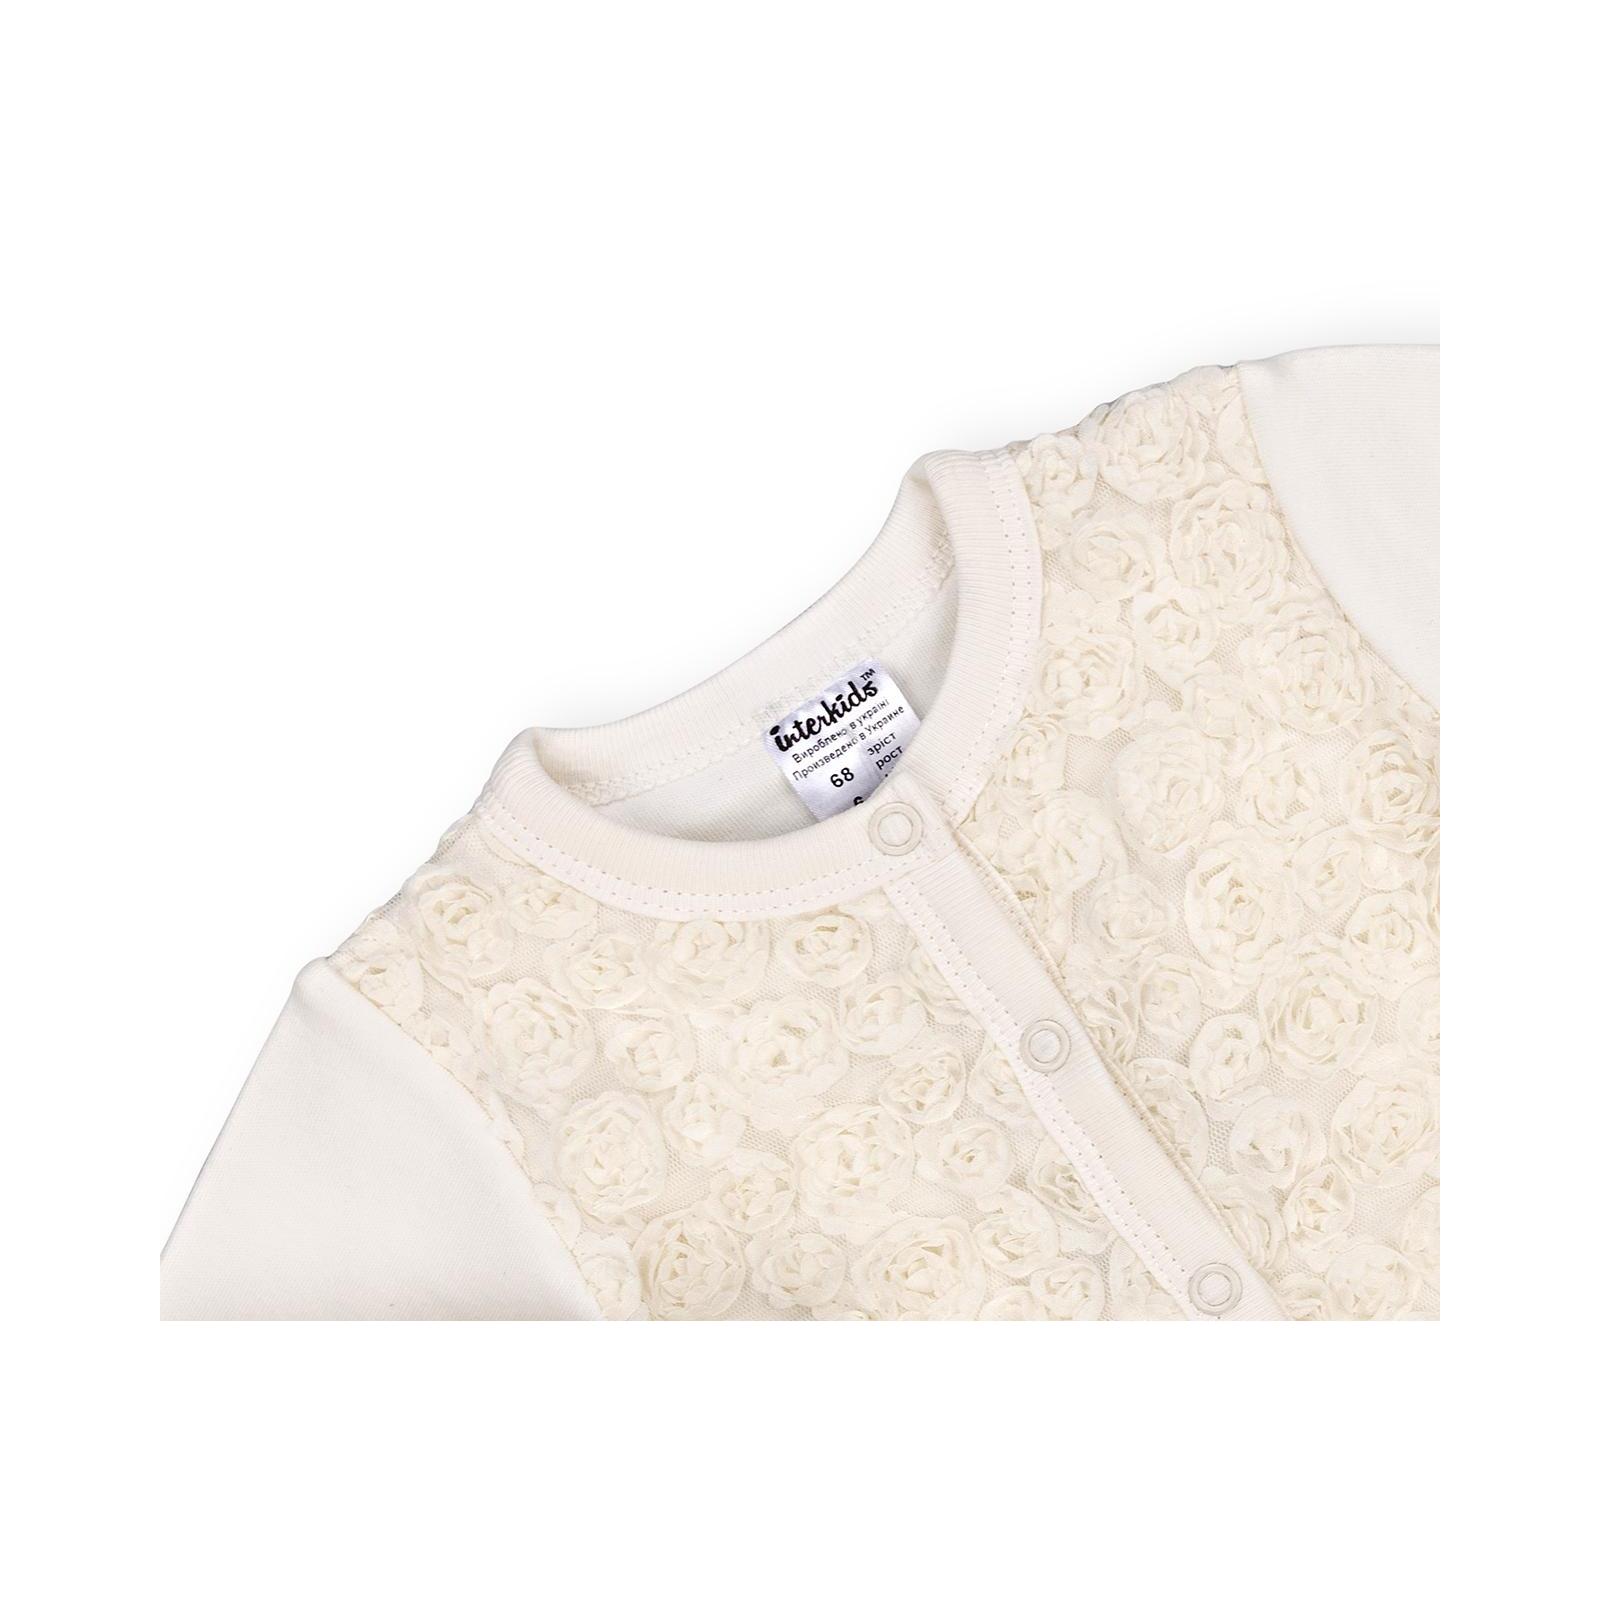 Набор детской одежды Интеркидс с розочками (2363-68G-beige) изображение 7